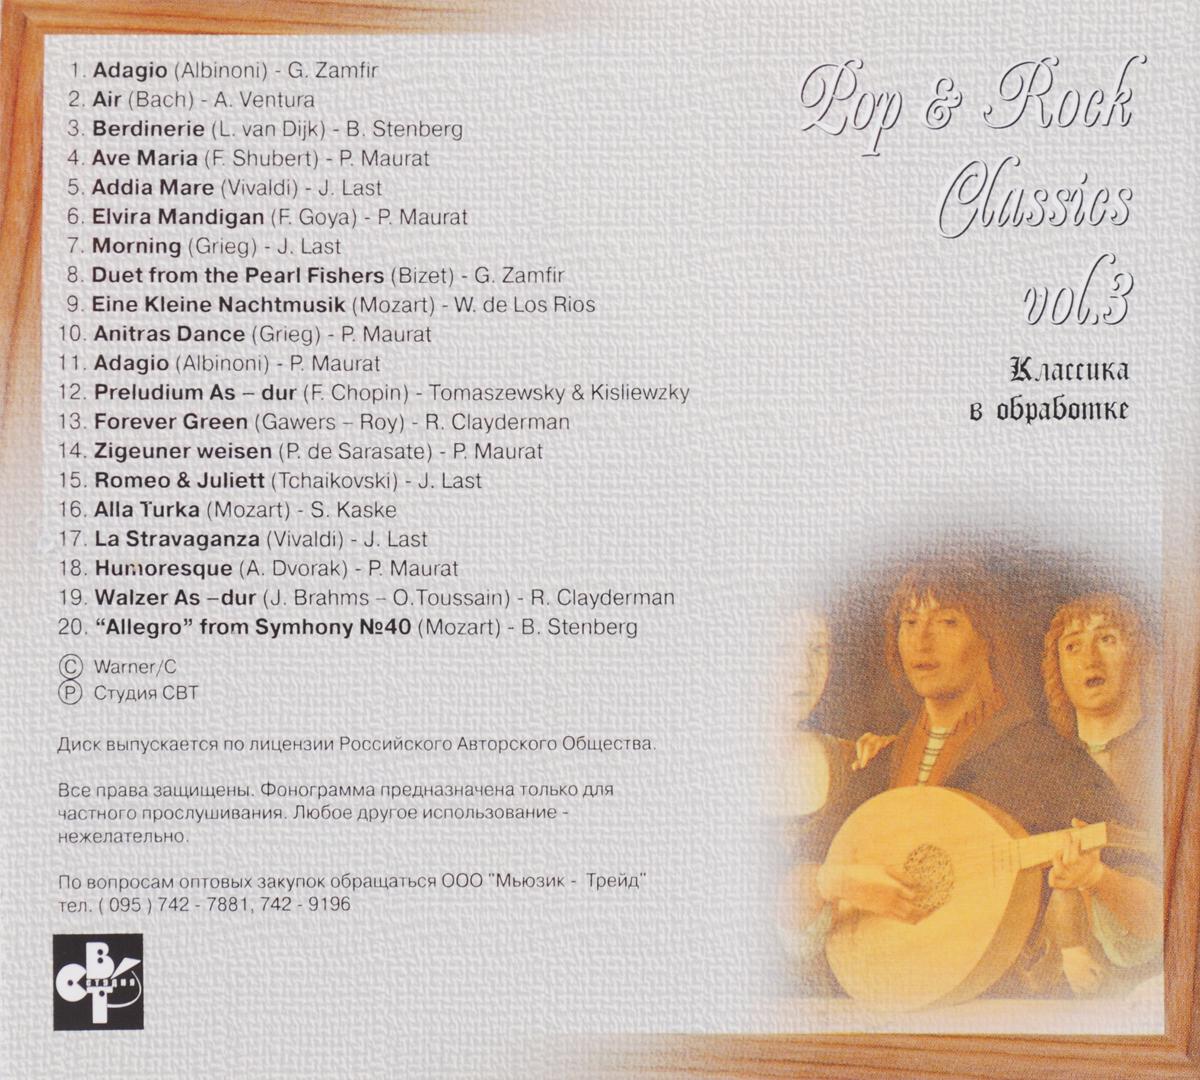 Одинокий пастух.  Pop&Rock Classics Vol 3 Мьюзик-трейд